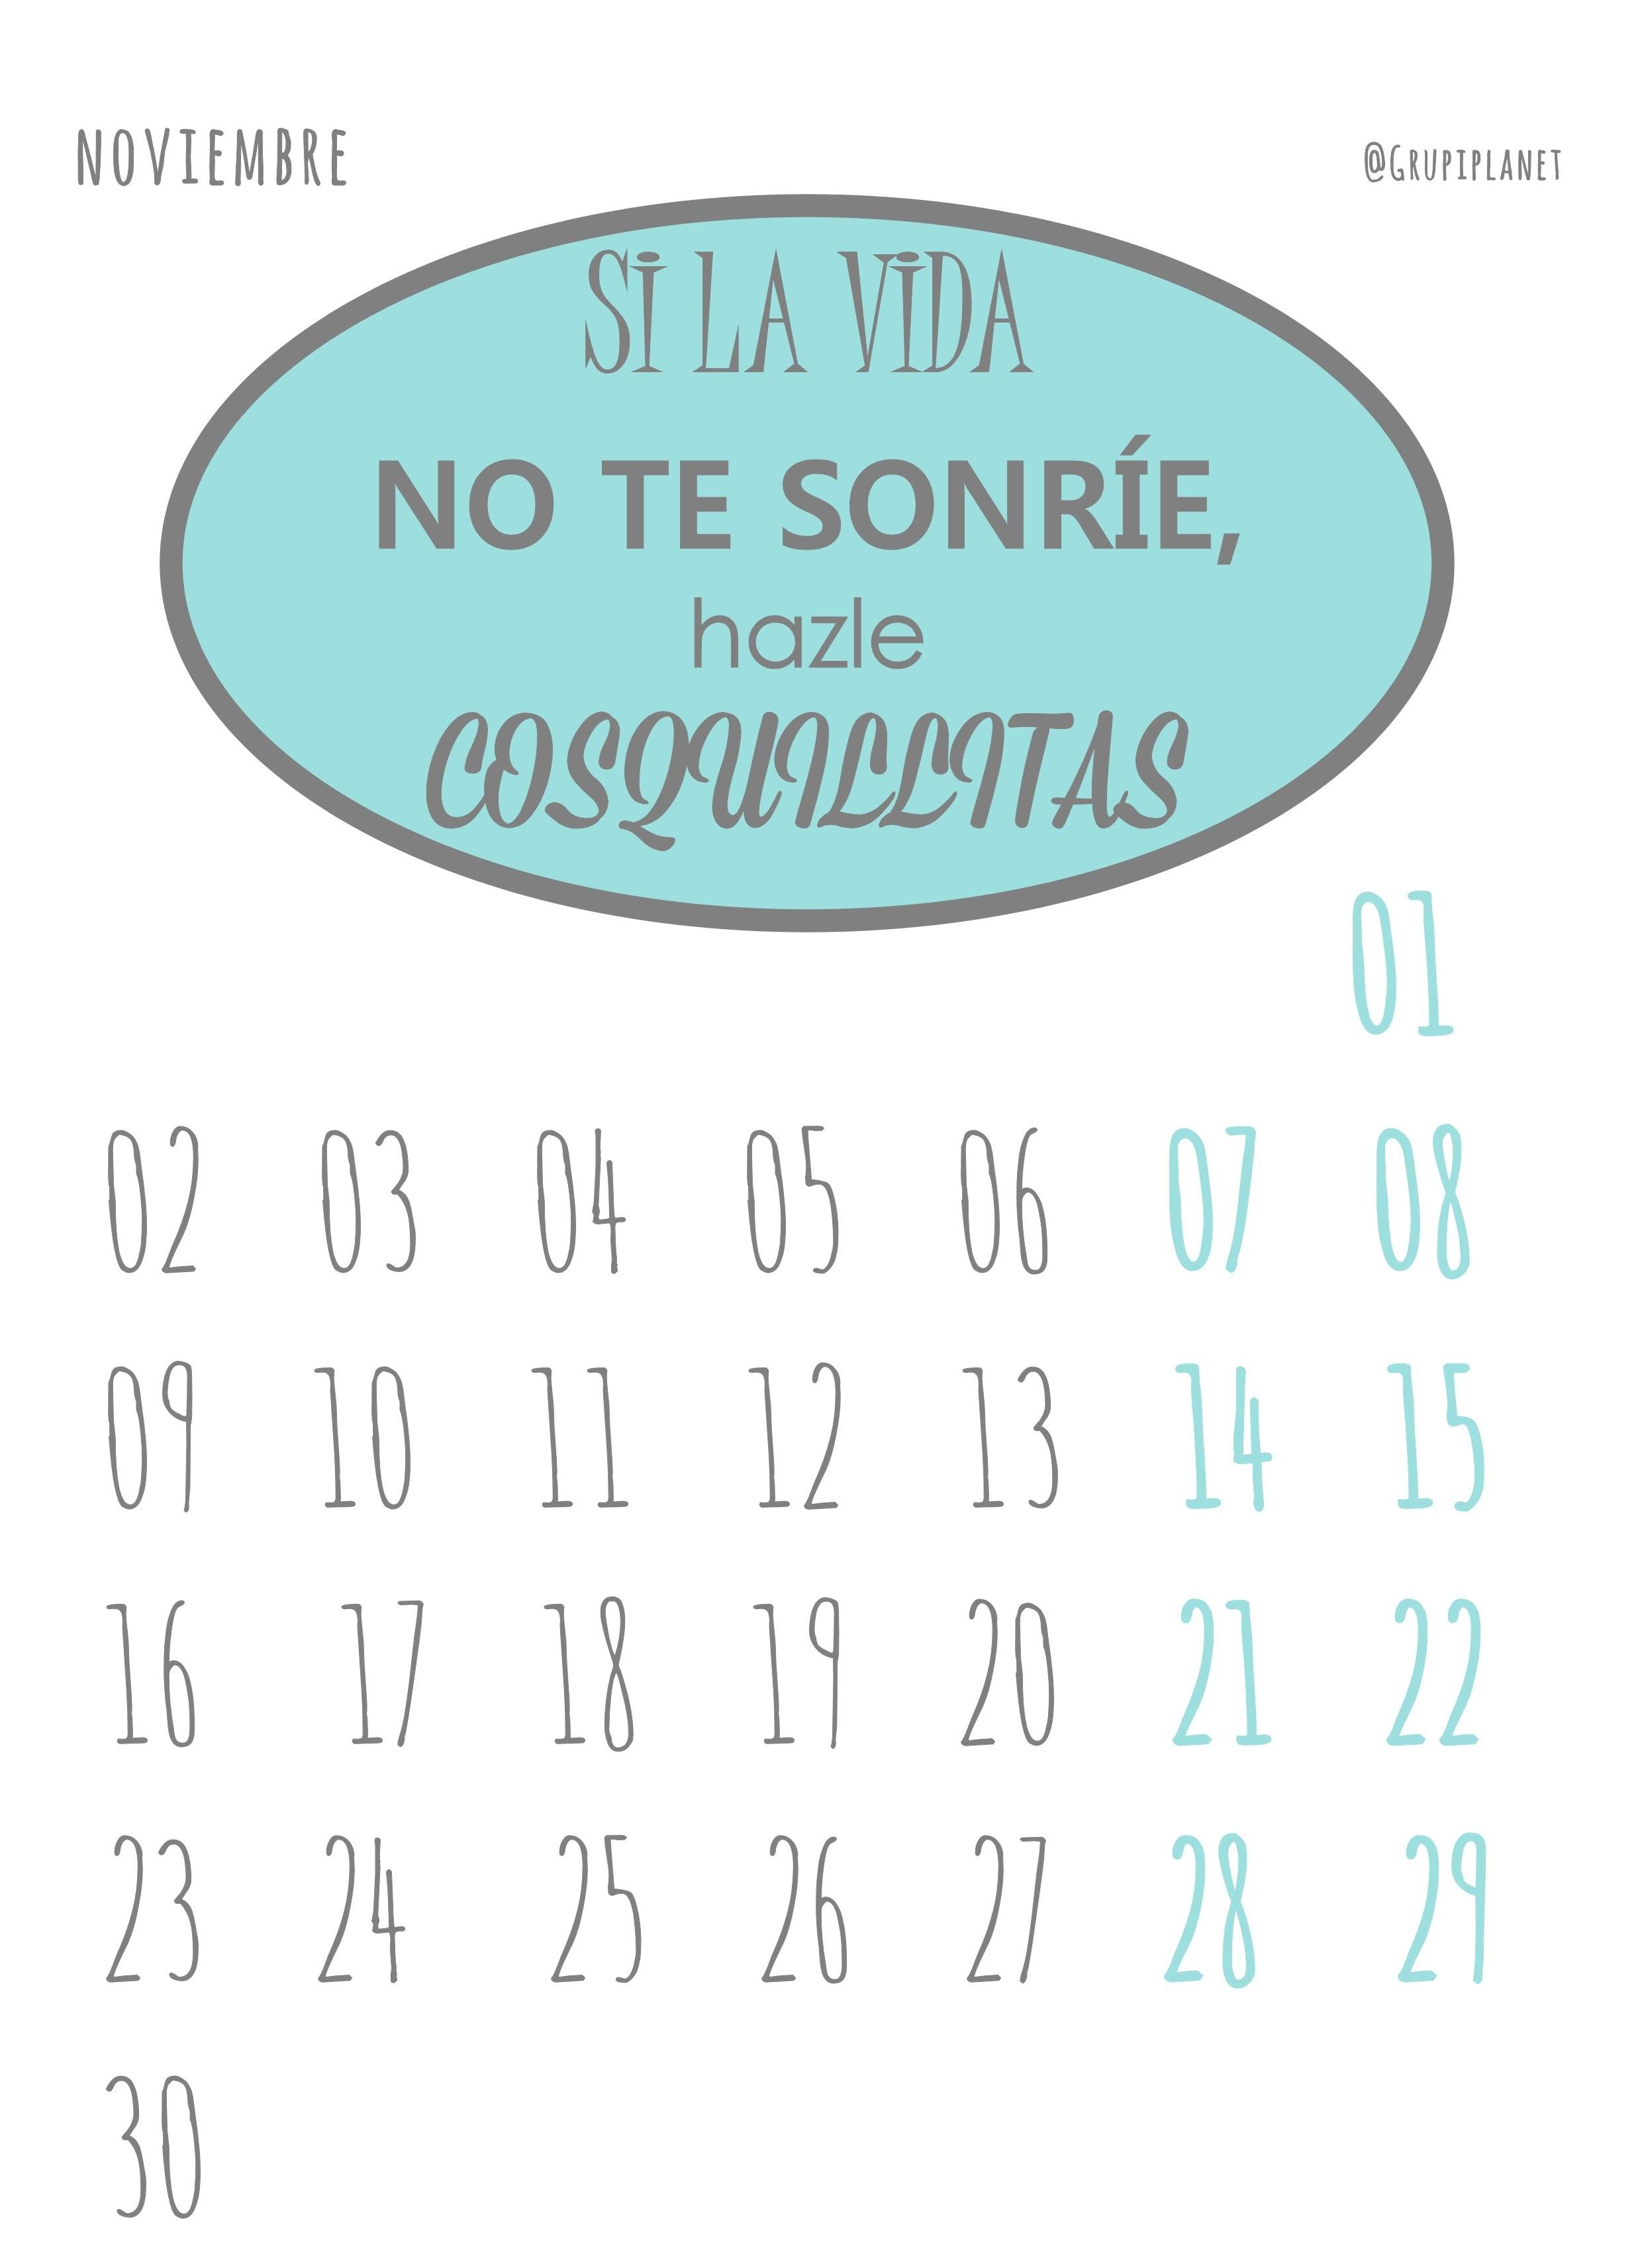 Calendario Anual Festivos 2018 Recientes Calendario Mr Wonderful 2015 Pdf Of Calendario Anual Festivos 2018 Más Arriba-a-fecha Calendario En Latin